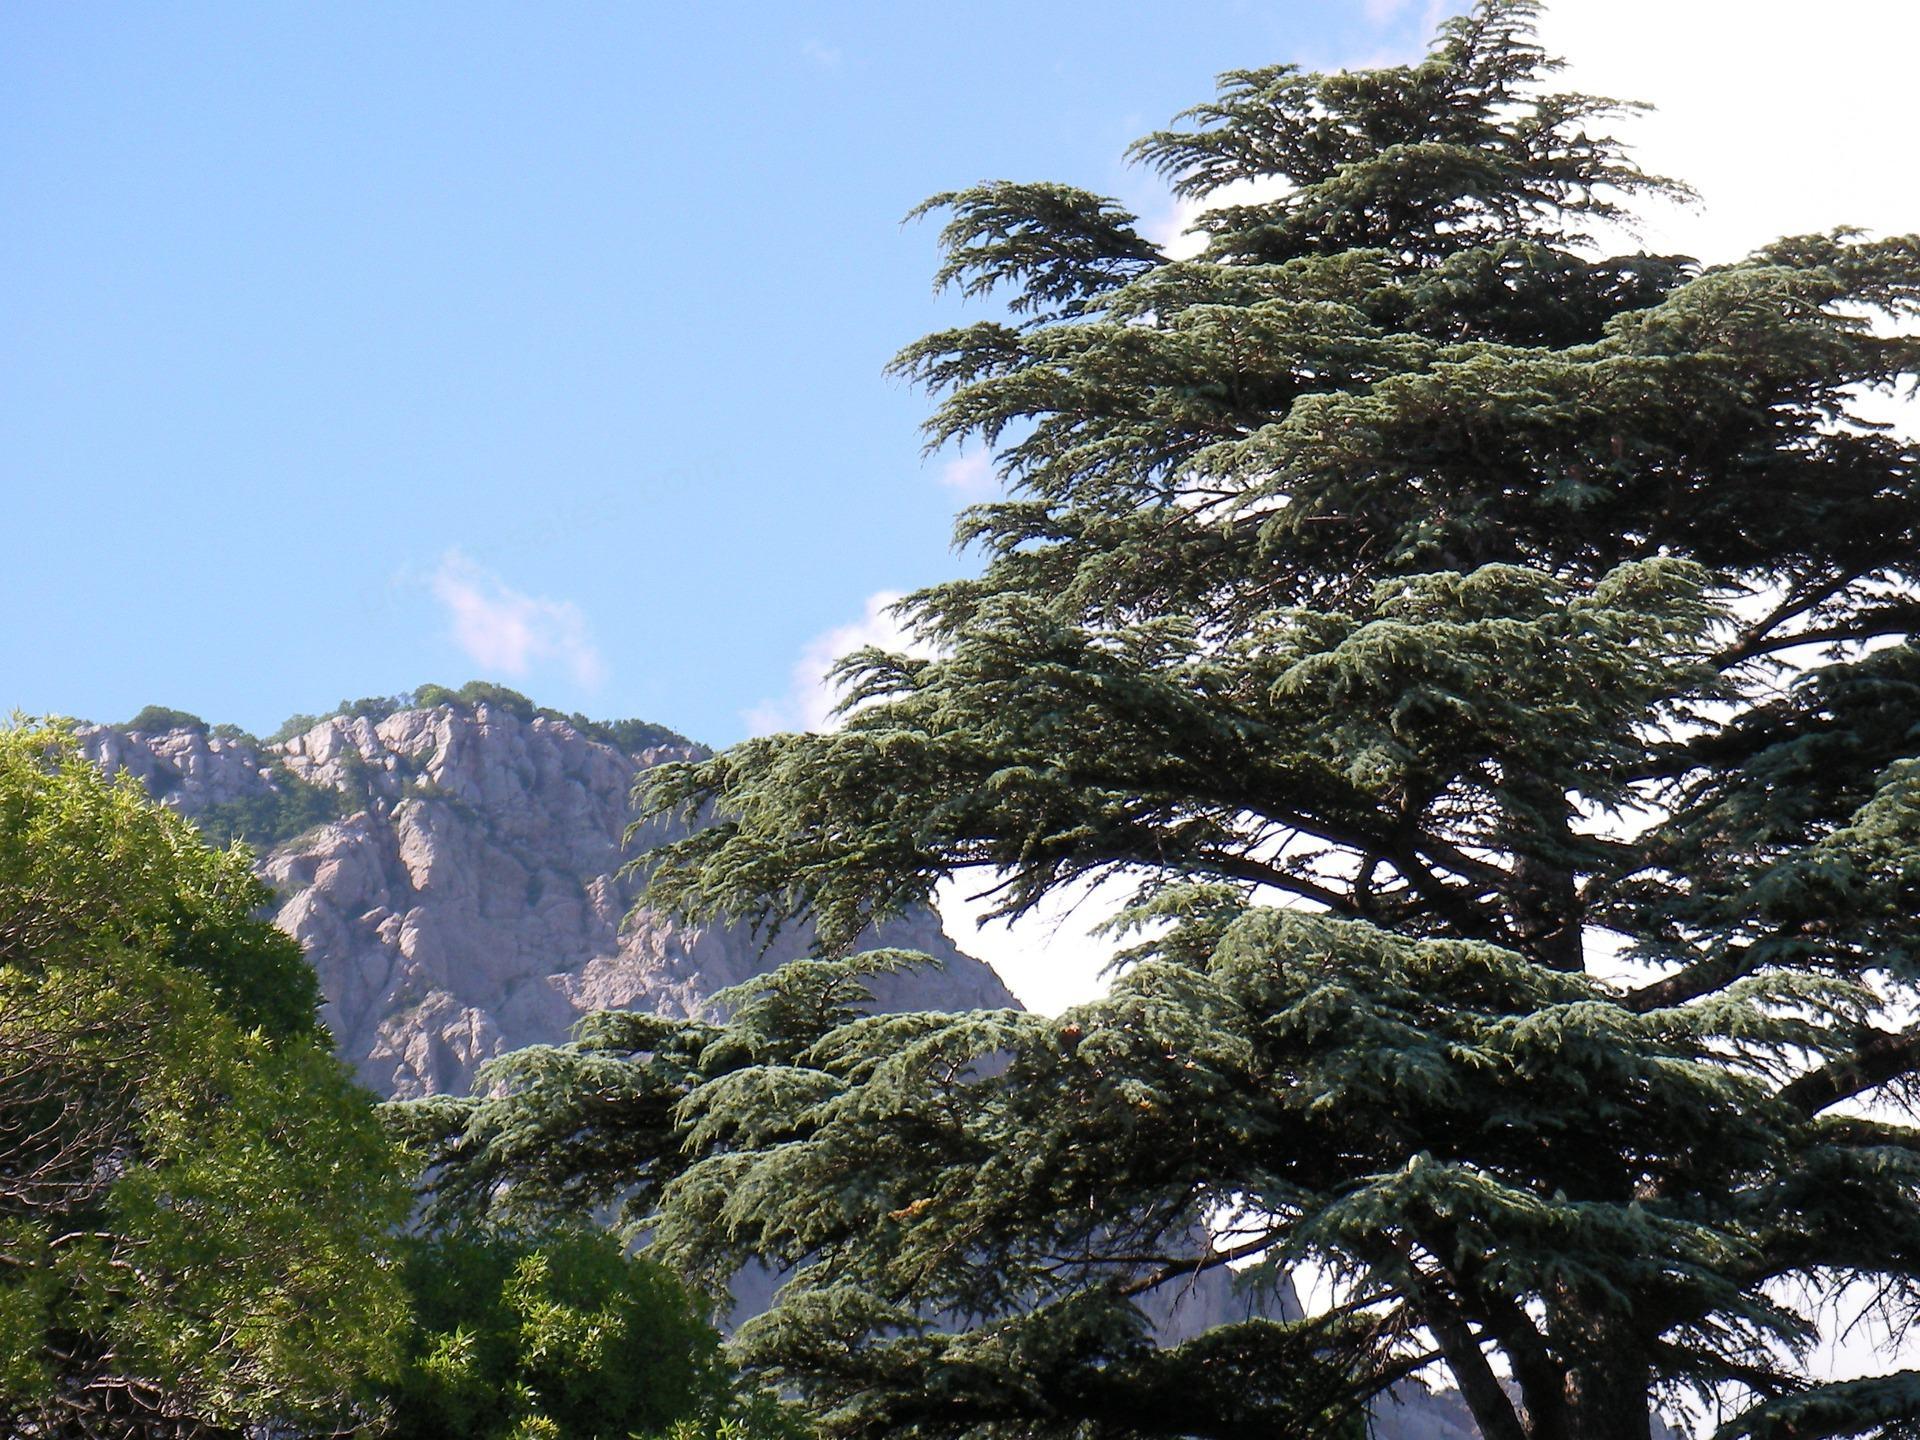 Cedar di pantai selatan Crimea